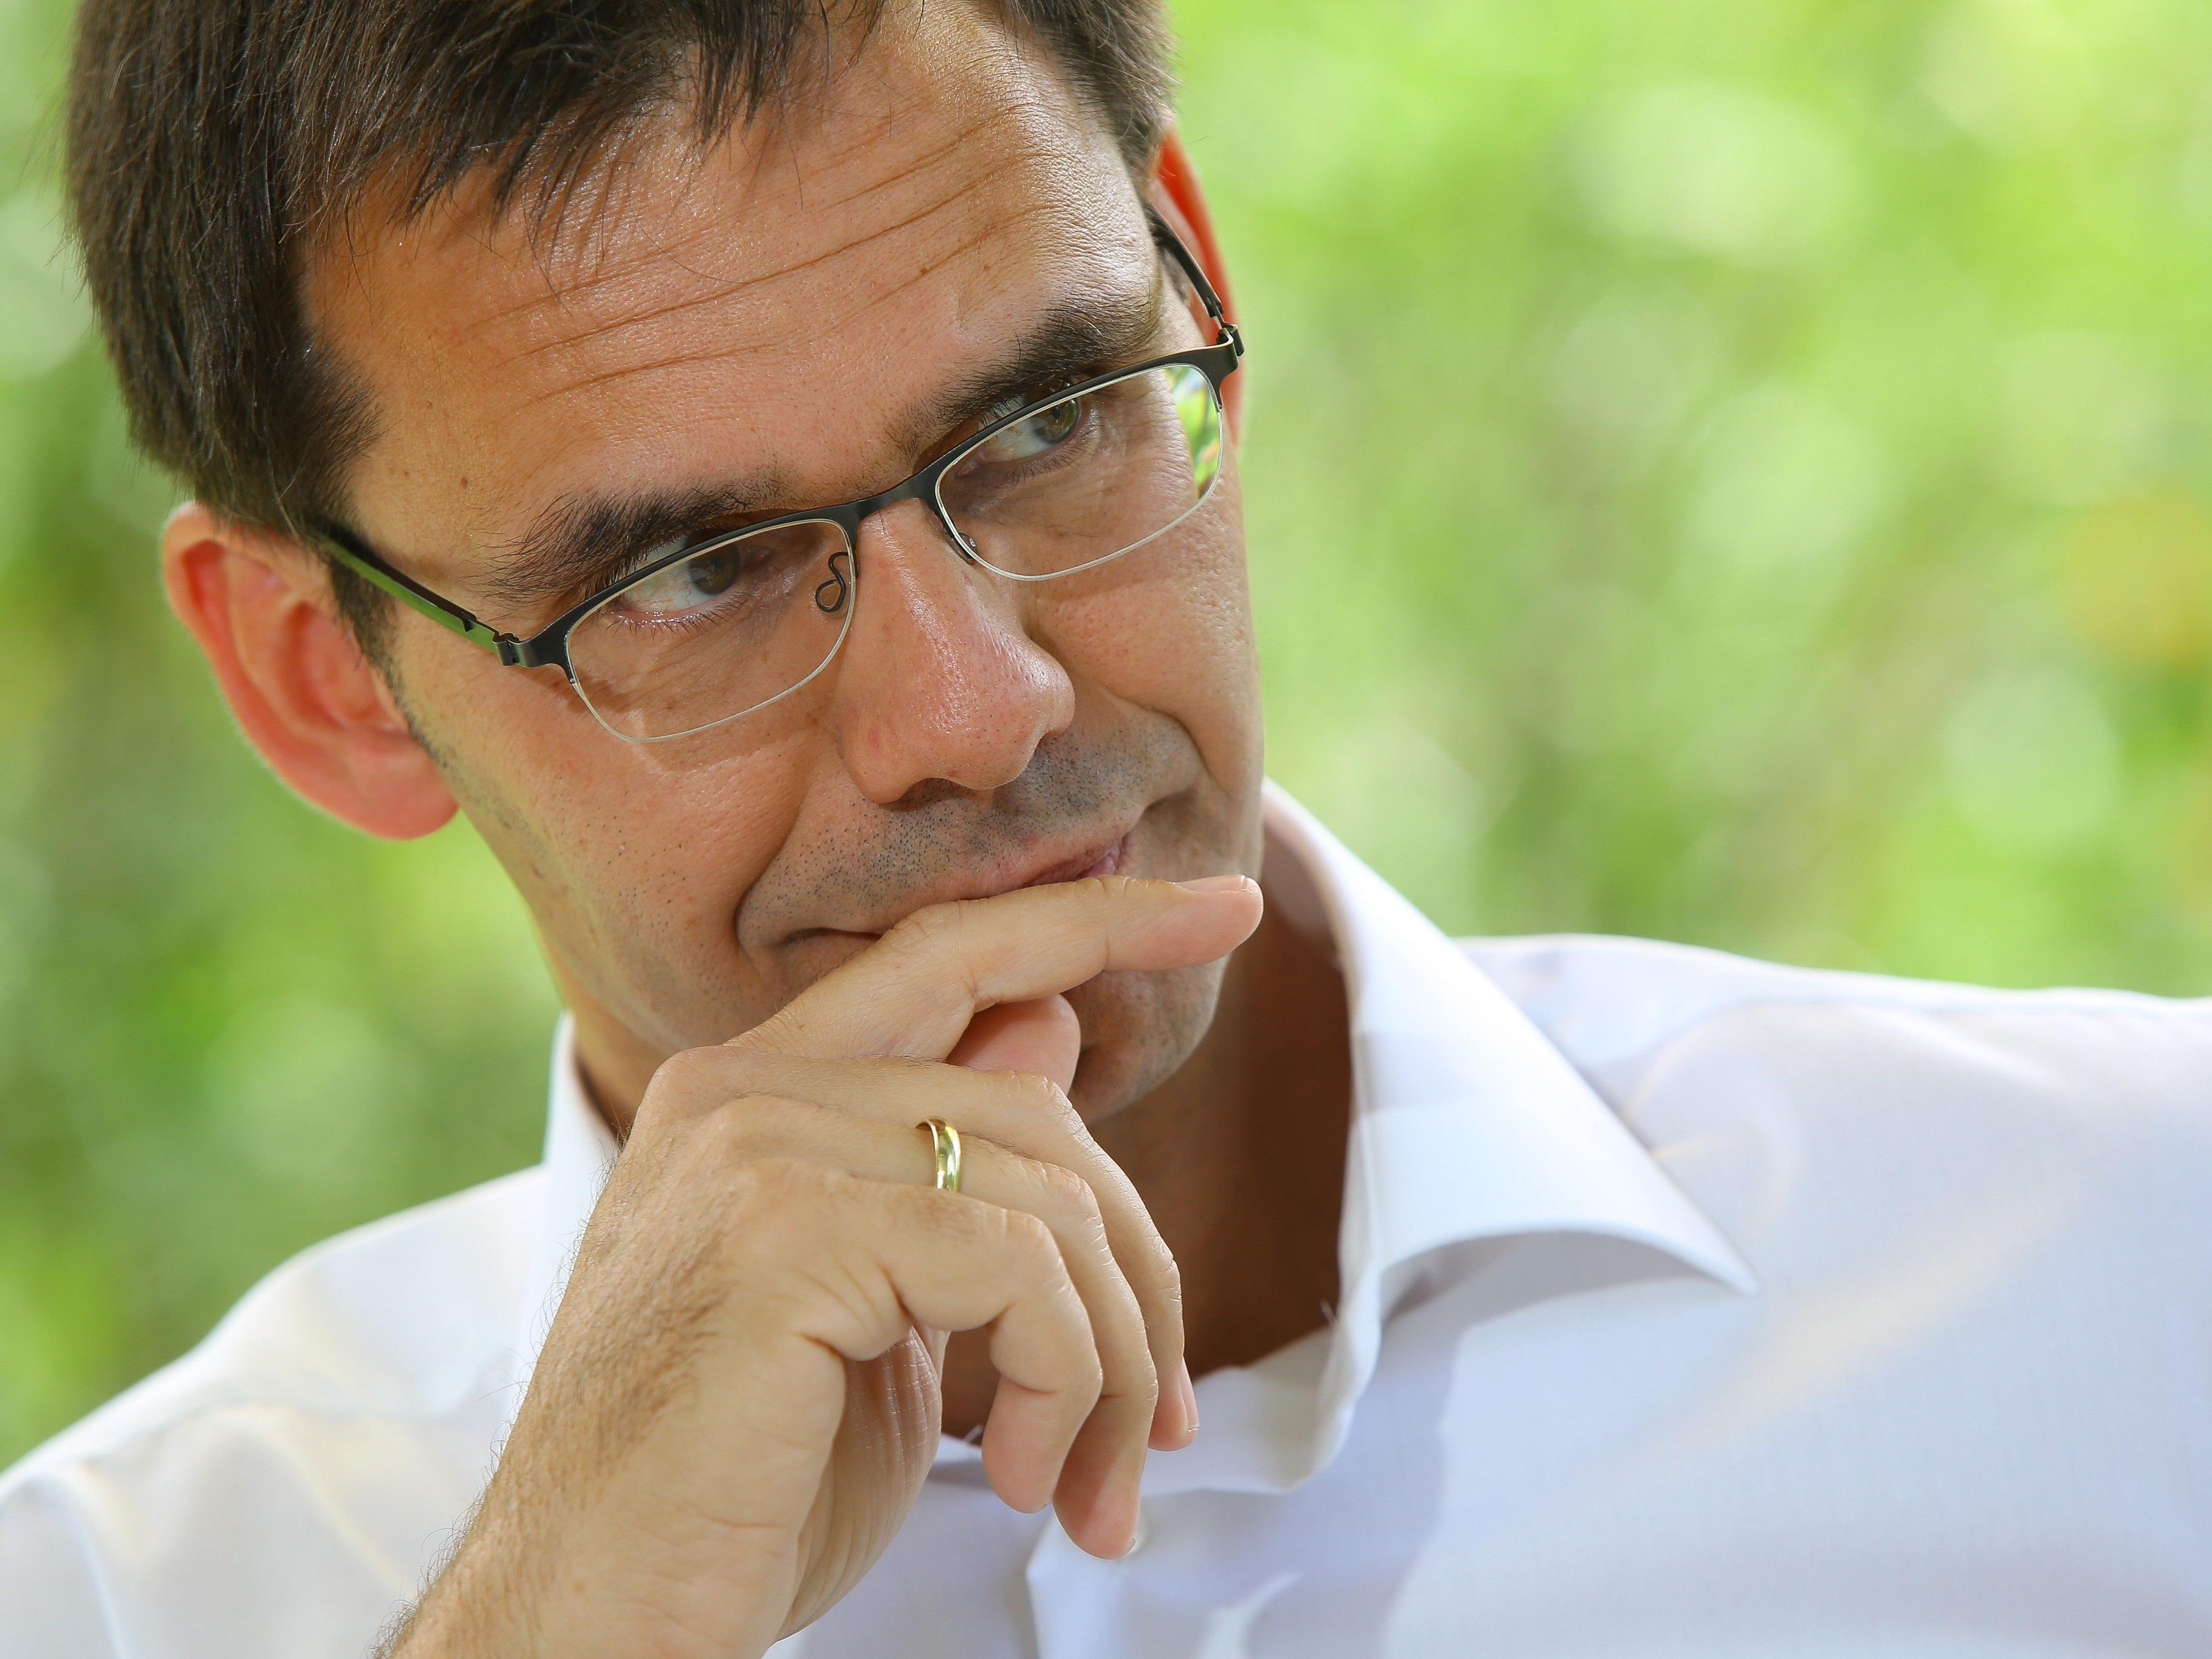 Landeshauptmann Wallner verlangt von Bund strikte Einhaltung der Obergrenze und Reform der Mindestsicherung.